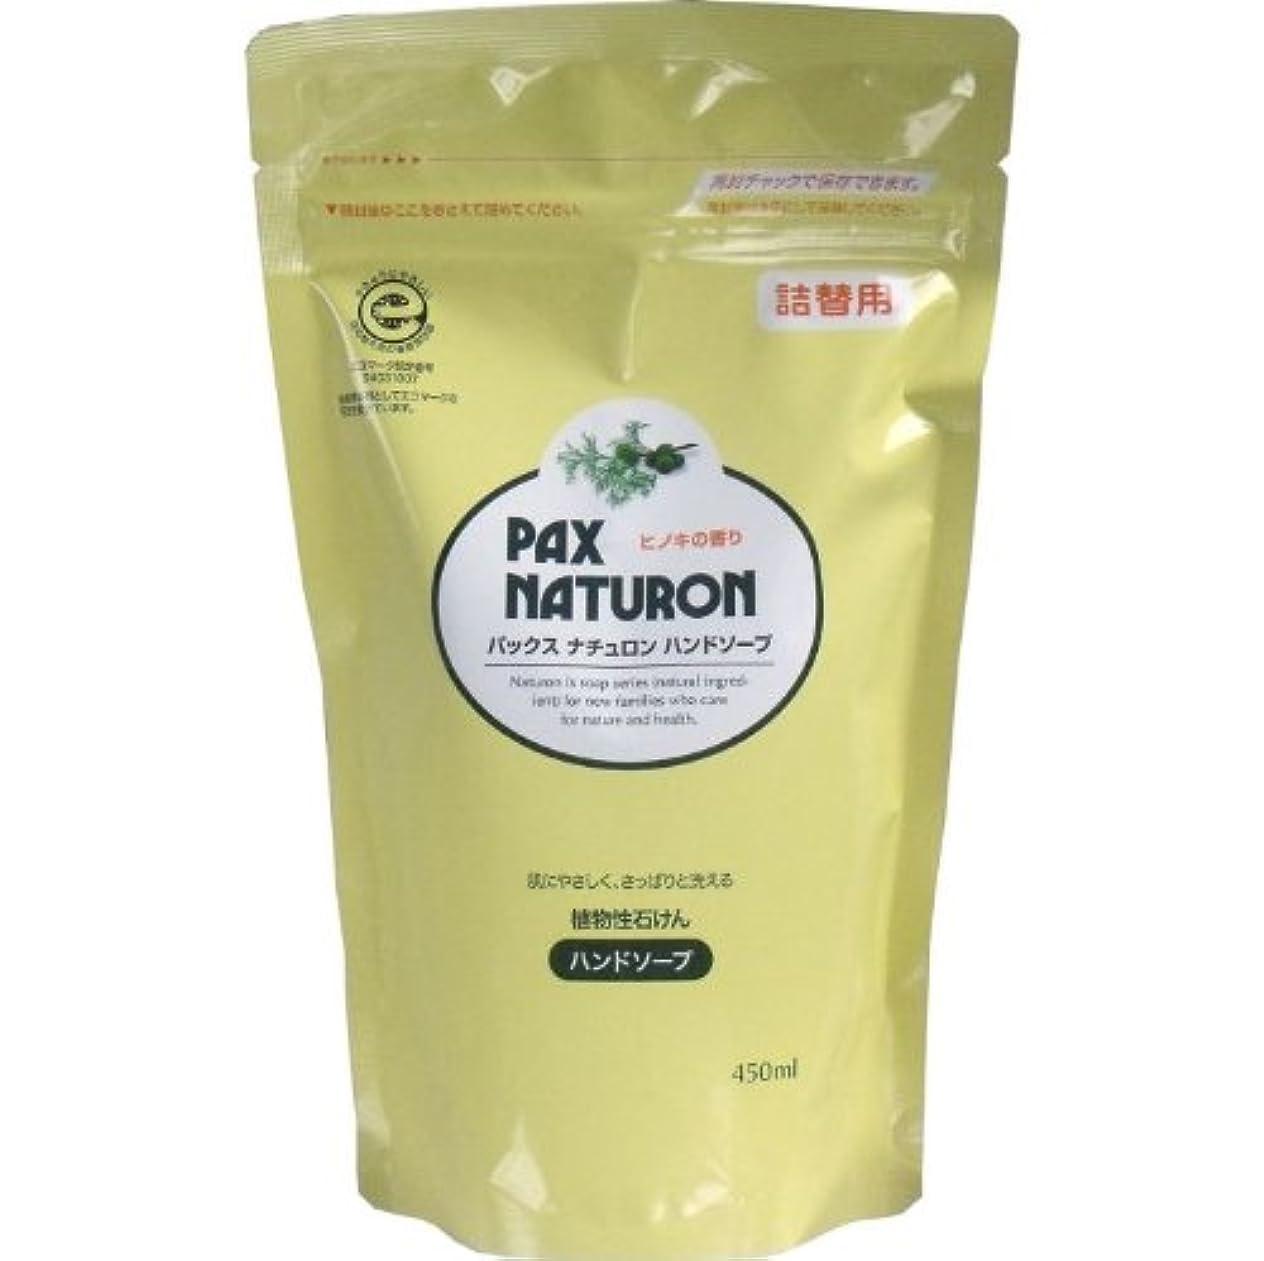 収容する周囲ゾーン肌にやさしく、さっぱりと洗える植物性石けん!植物性ハンドソープ 詰替用 450mL【5個セット】